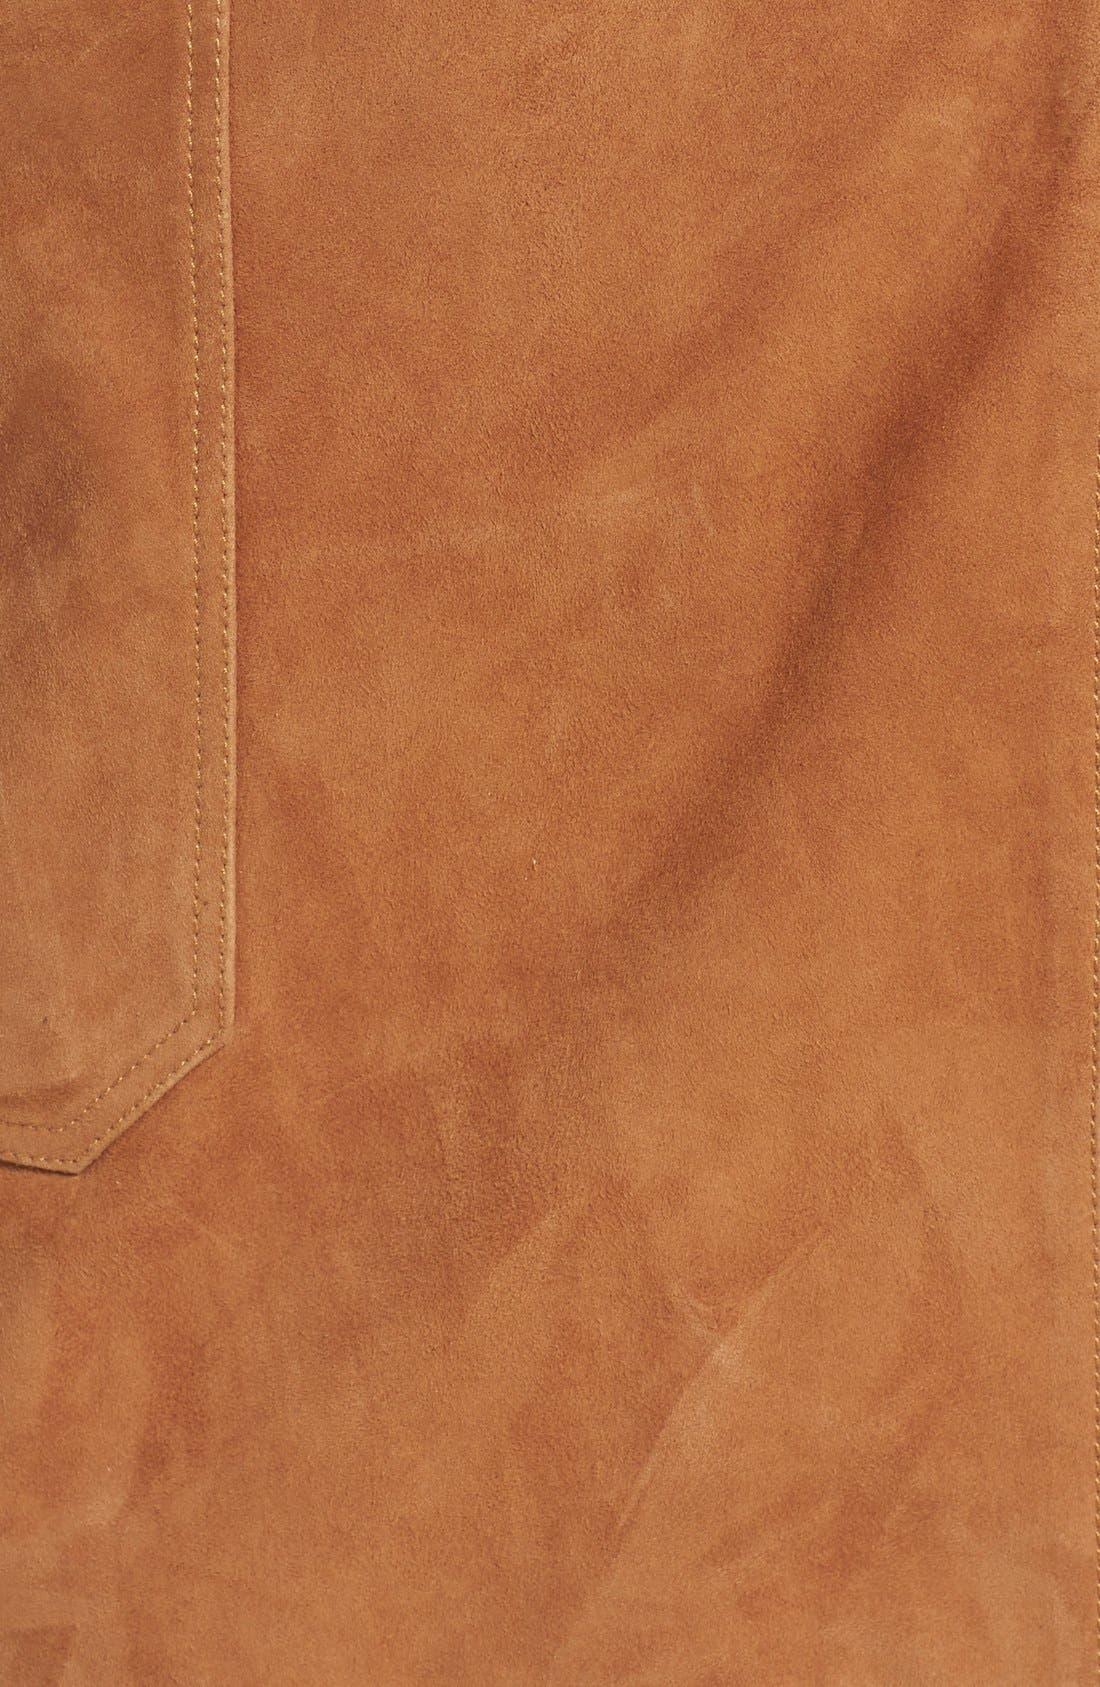 Suede Wrap Miniskirt,                             Alternate thumbnail 6, color,                             Tan Cognac